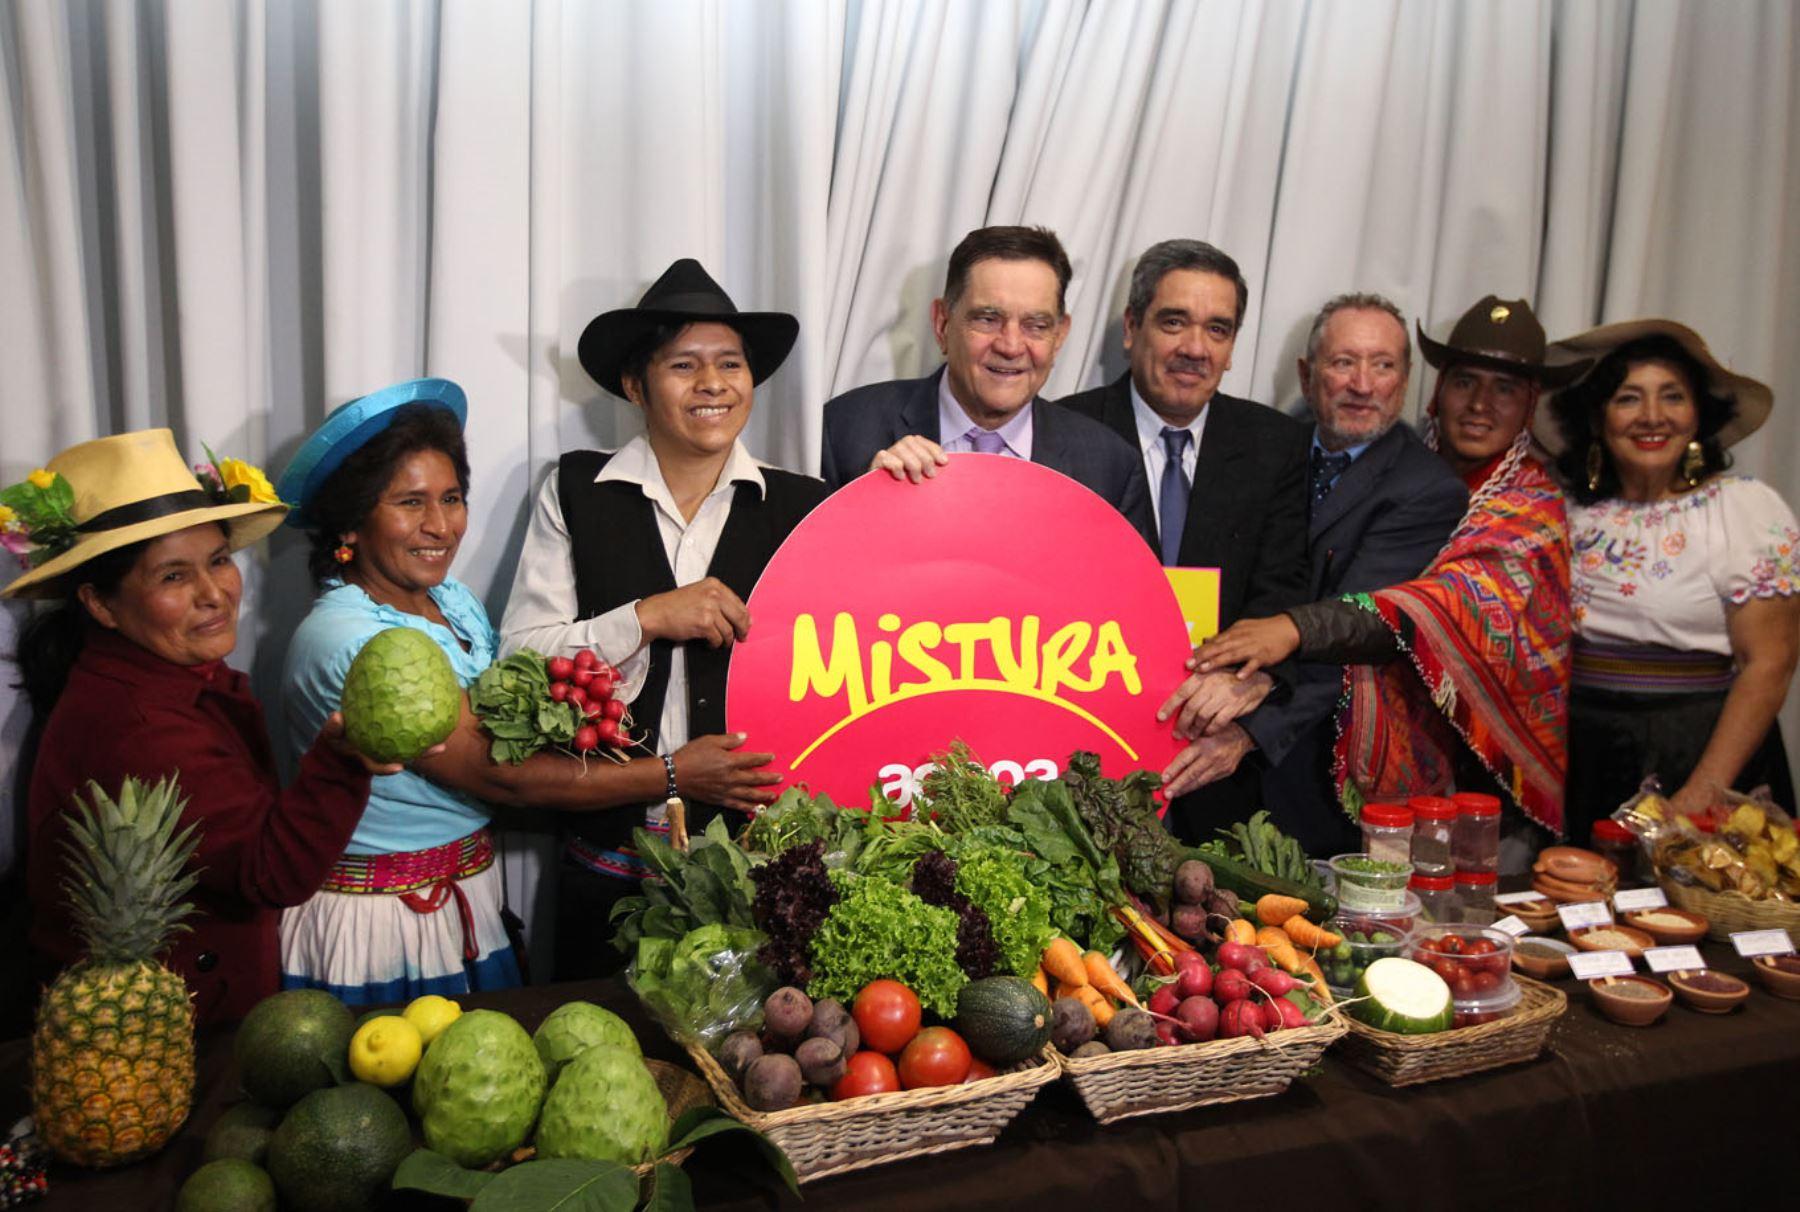 Feria Mistura: 10 años de celebrar la gastronomía peruana